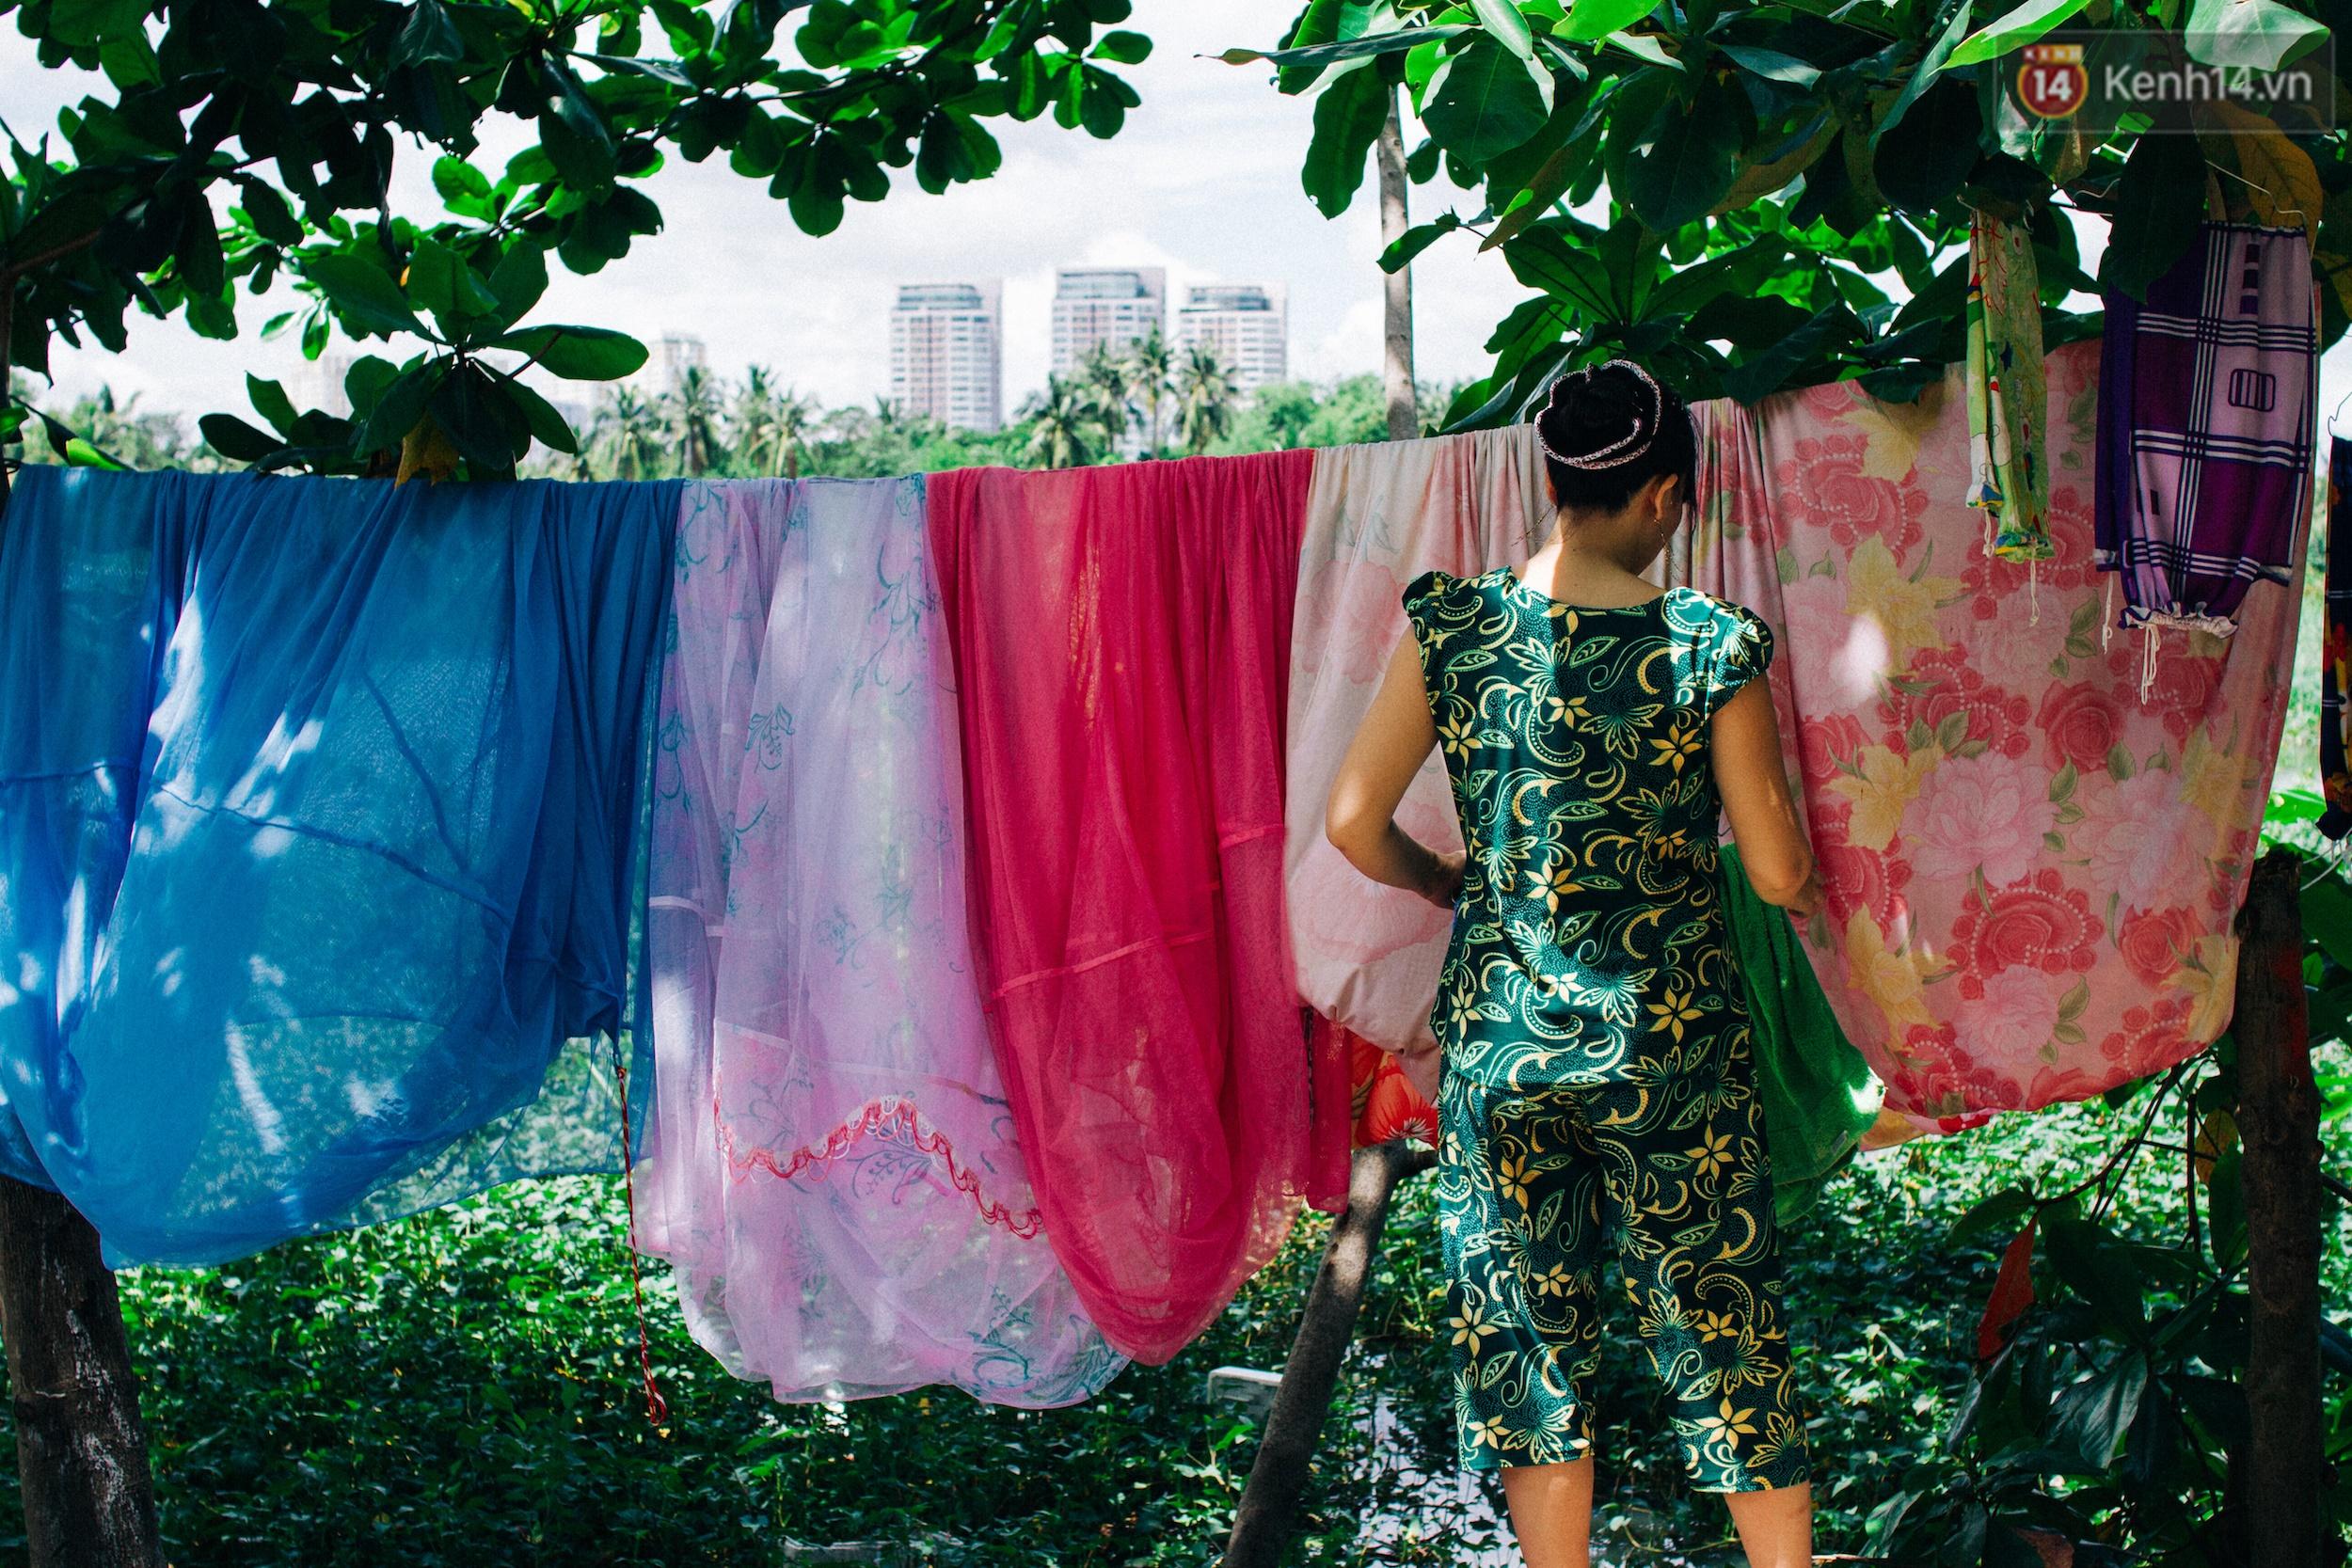 Chùm ảnh: Cuộc sống ở bán đảo Thanh Đa - Một miền nông thôn tách biệt dù chỉ cách trung tâm Sài Gòn vài km - Ảnh 17.